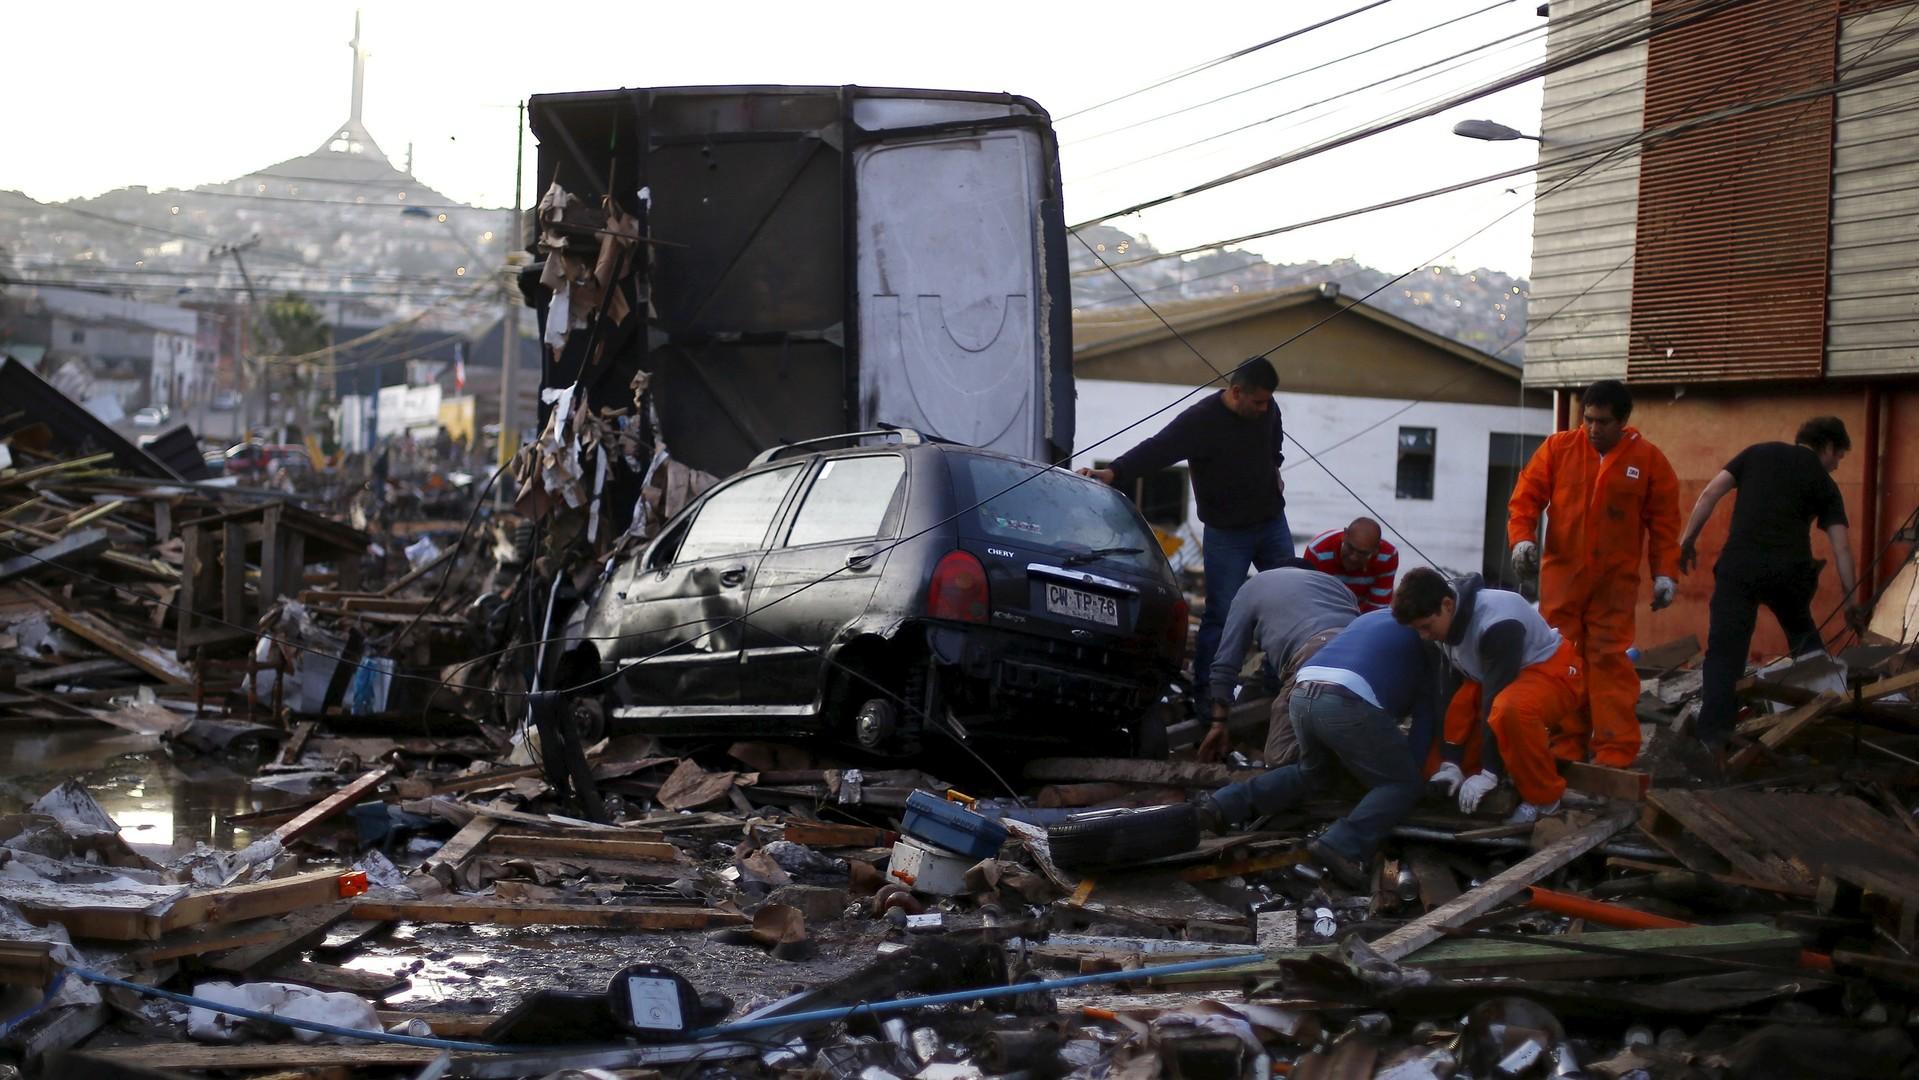 Les 17 et 18 septembre, deux séismes de magnitude 8,3 et 6,3 ont eu lieu au Chili